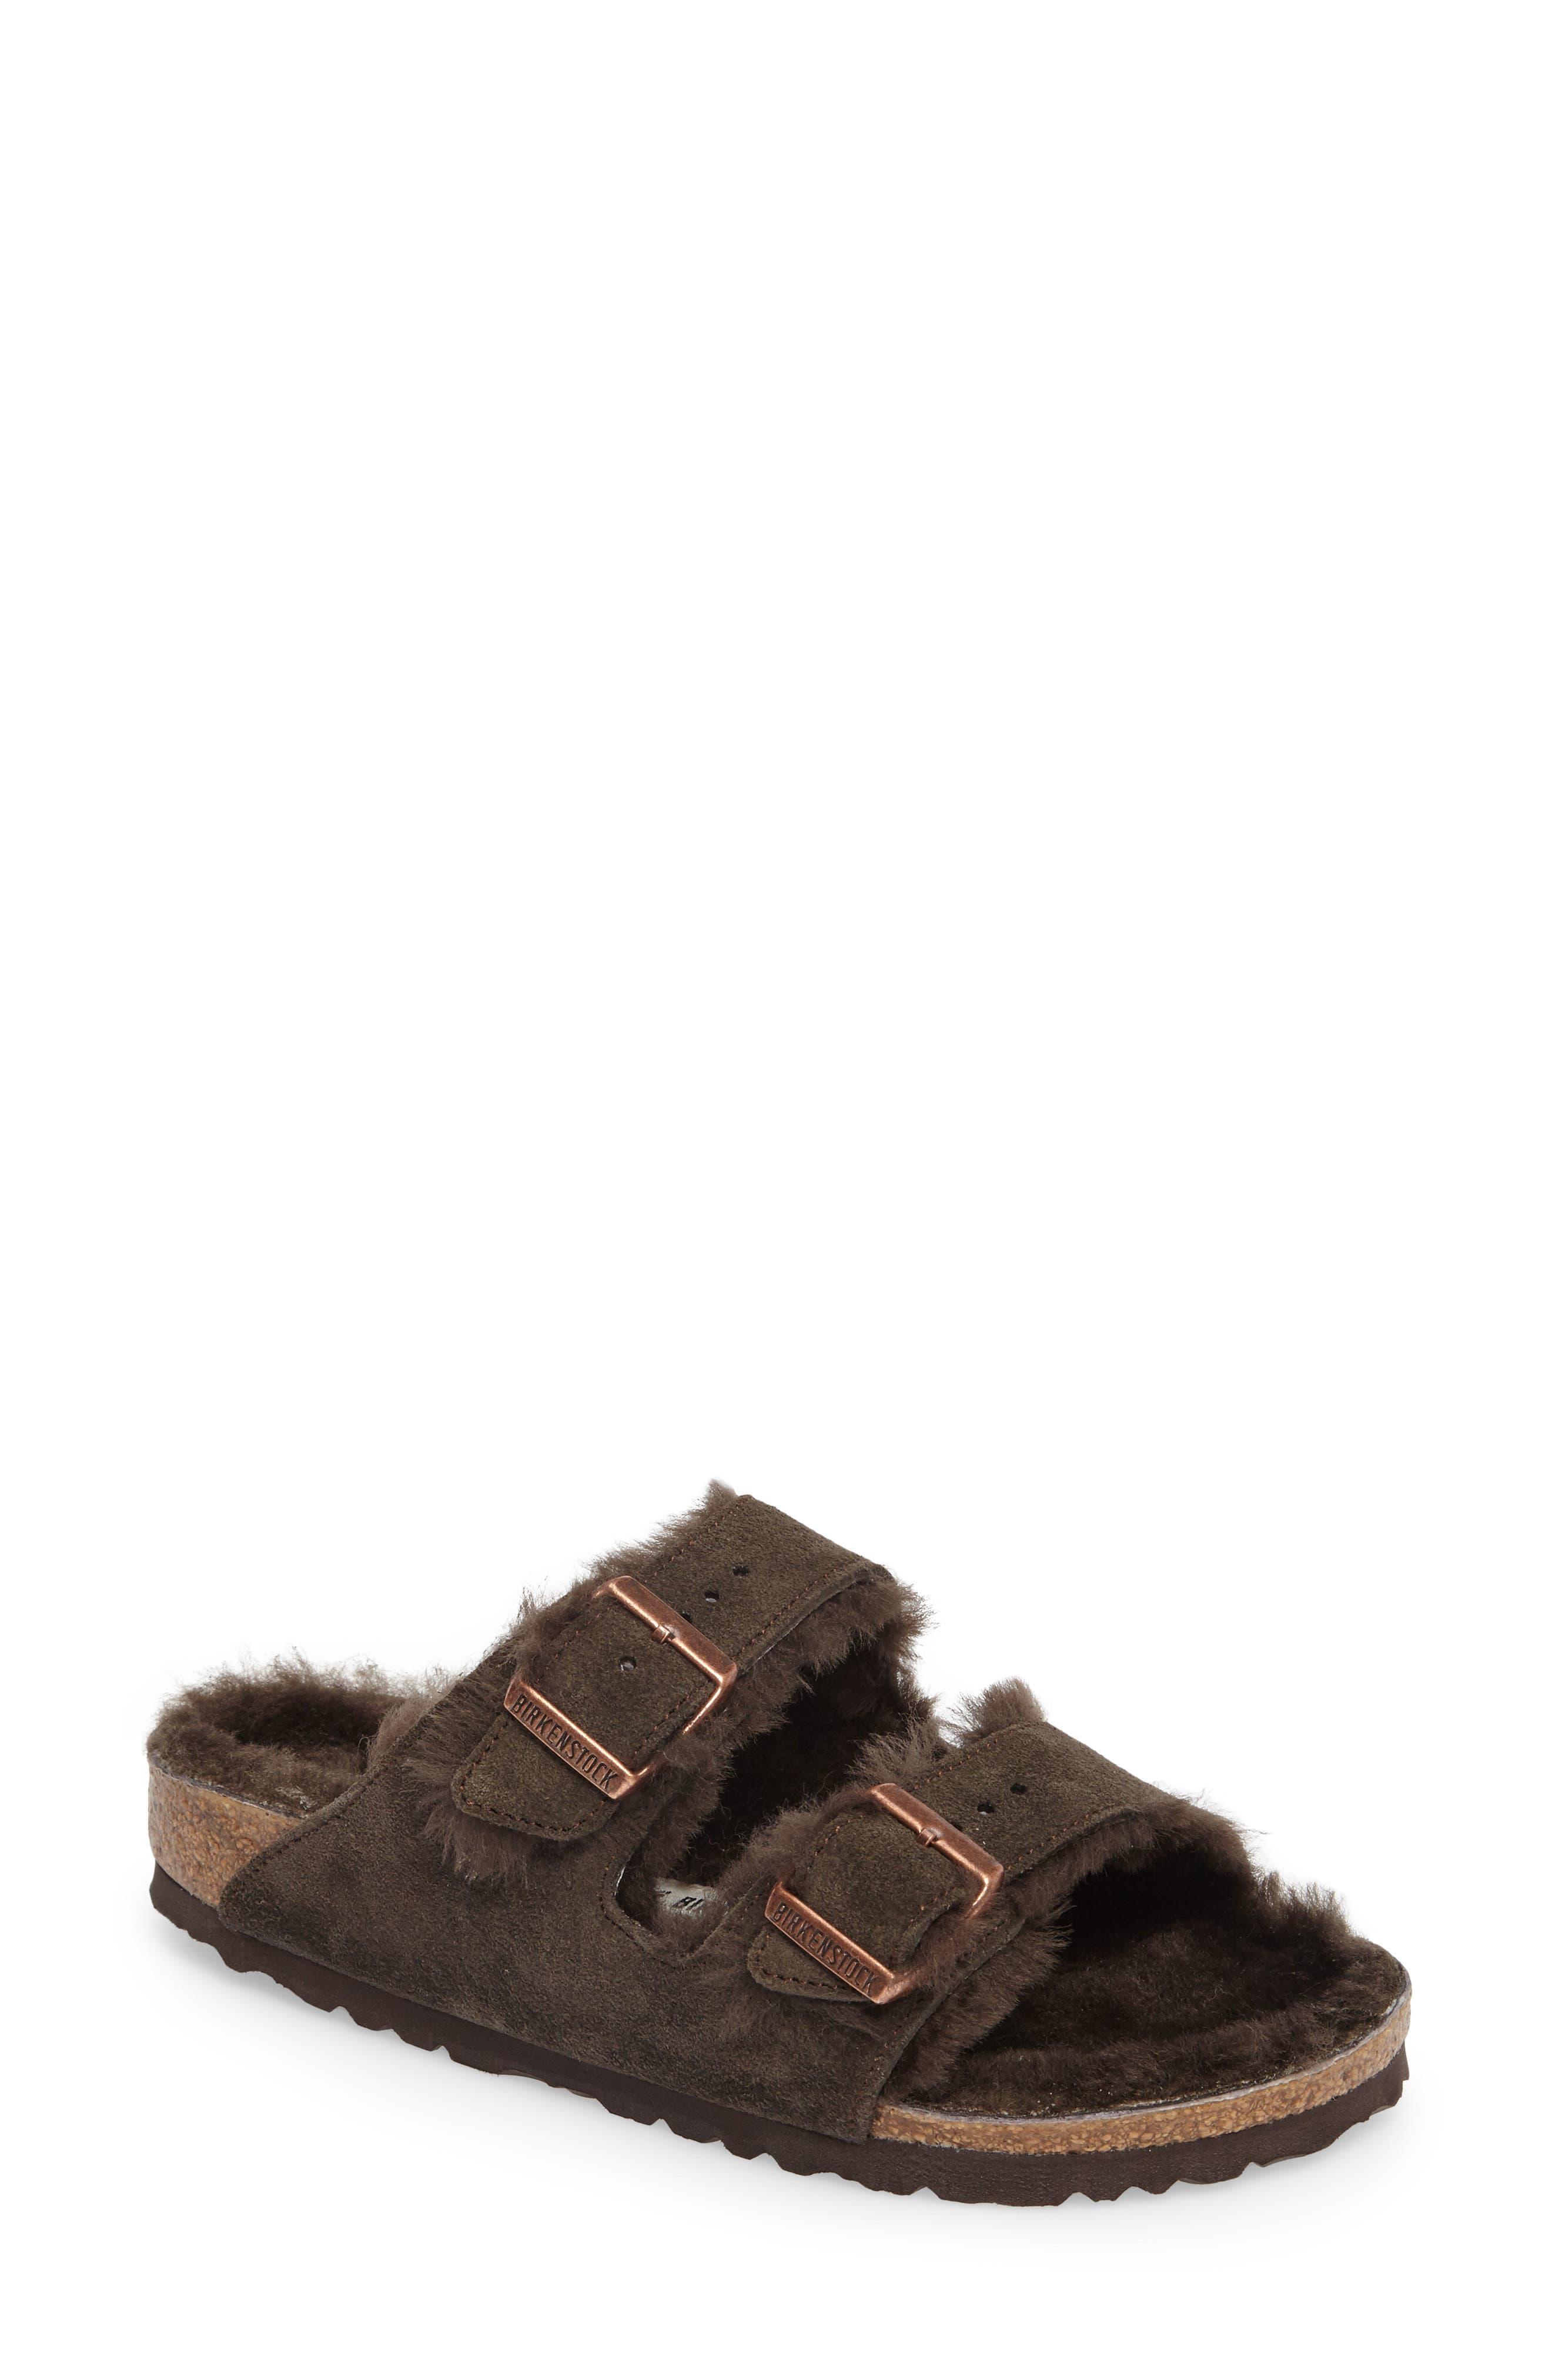 Birkenstock Arizona Genuine Shearling Lined Sandal (Women)